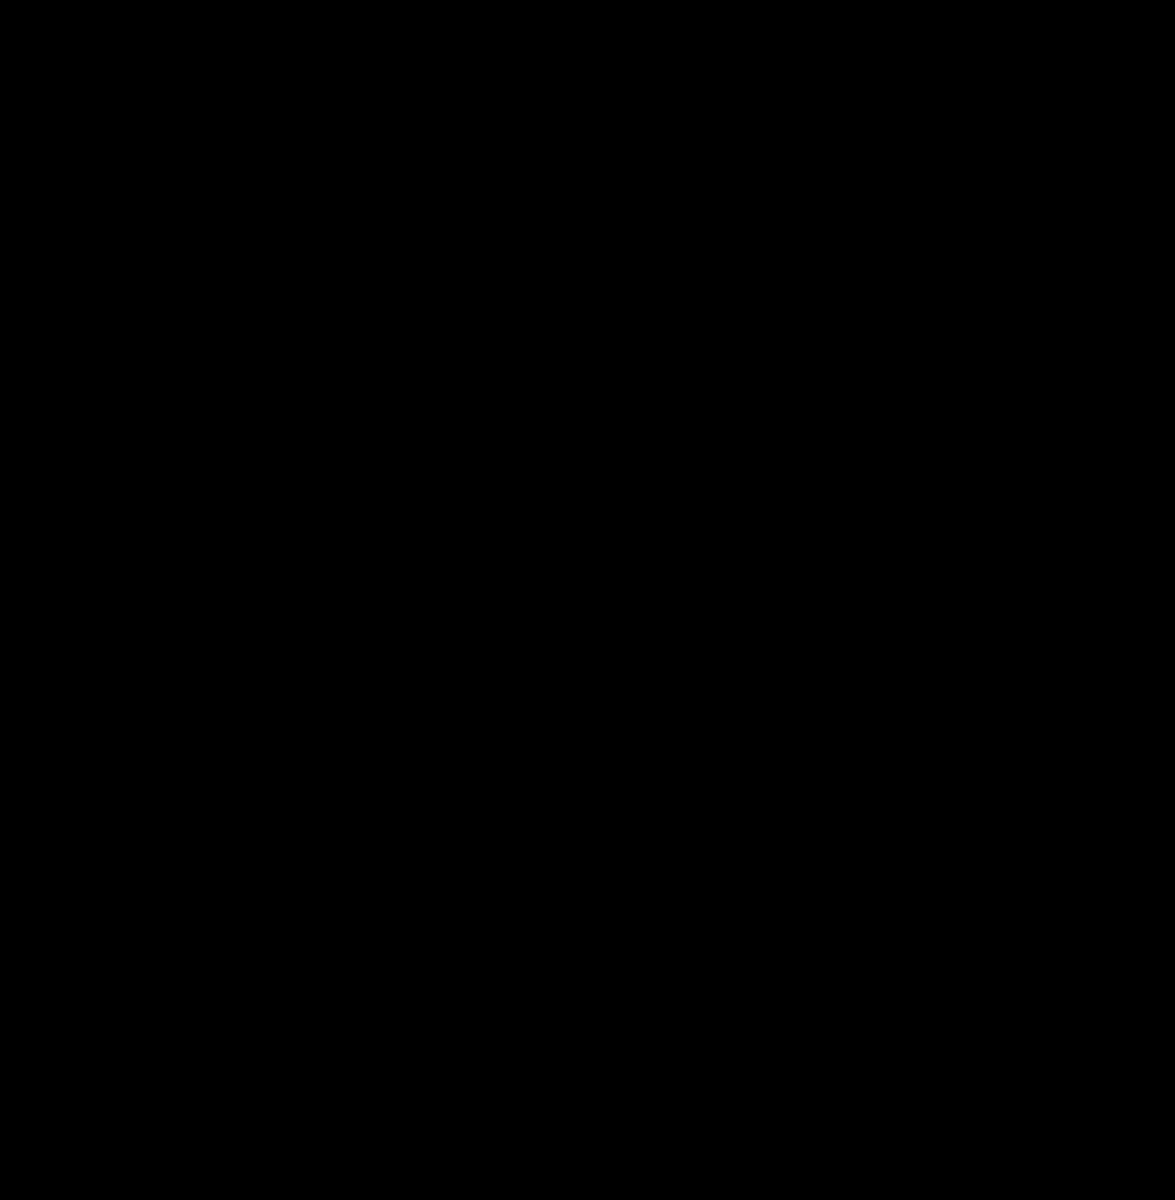 Flessenslot-Wijnslot met cijfercode-Combinatieslot-cijferslot- fles-Wiskey-Rum-Wijn+Gratis wijnthermometer